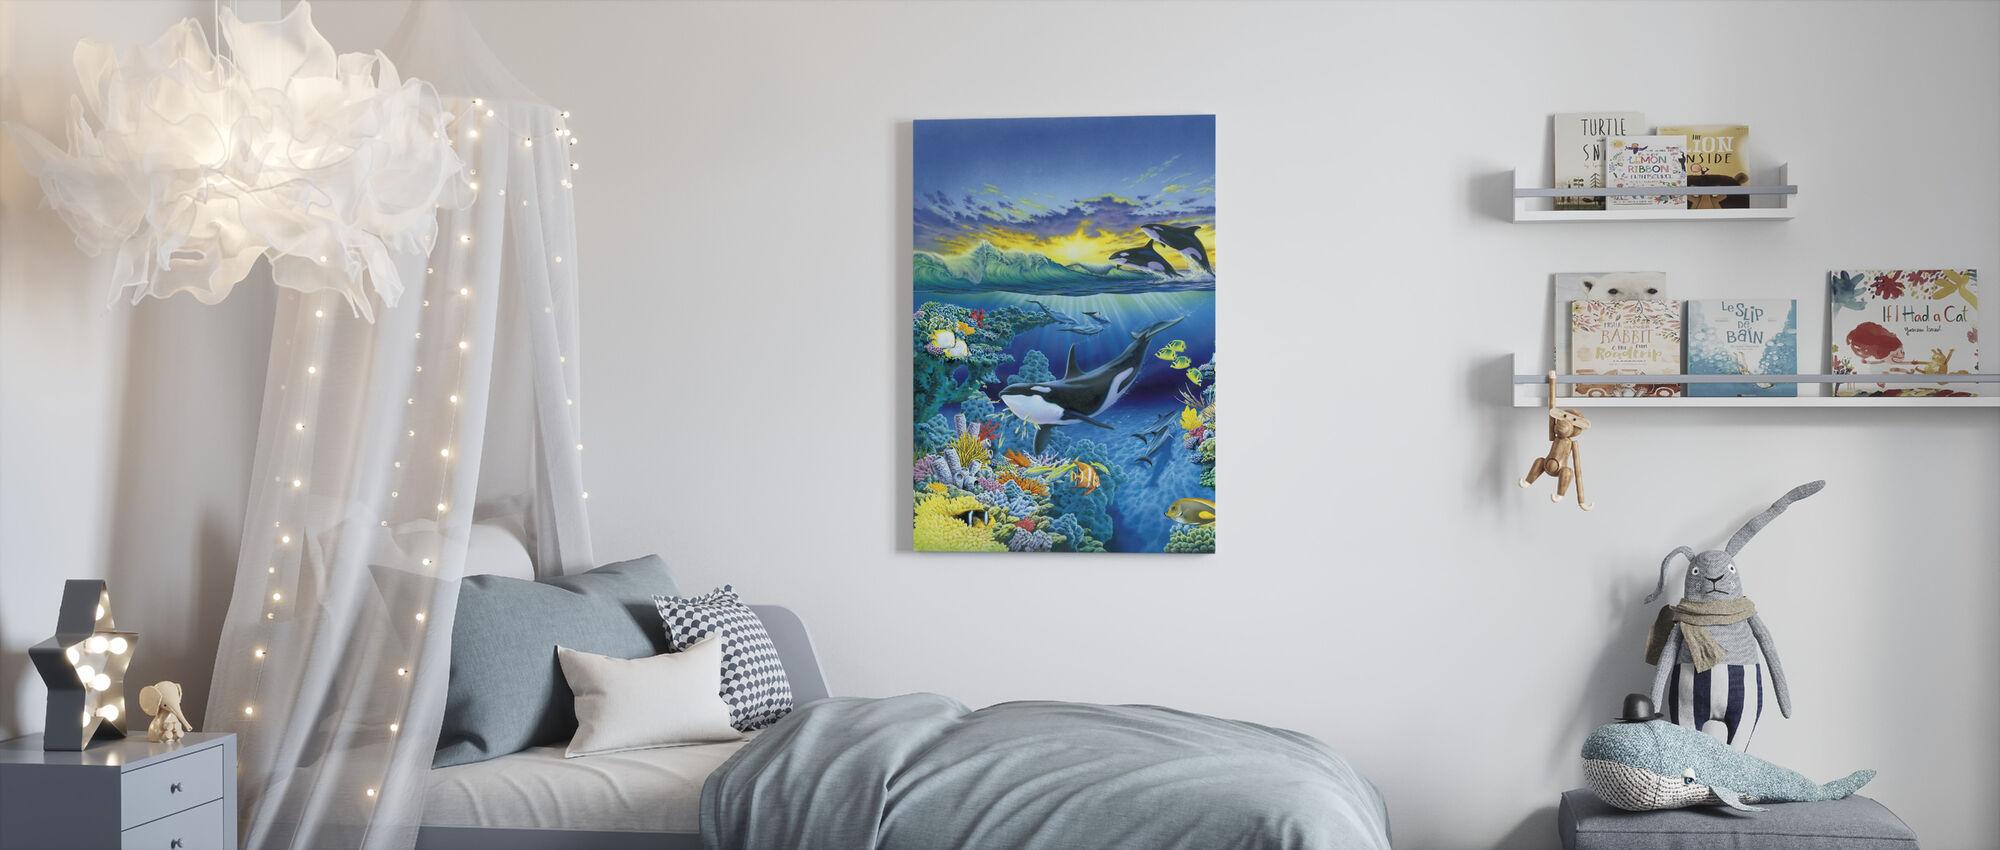 Elävä valtameri - Orca - Canvastaulu - Lastenhuone